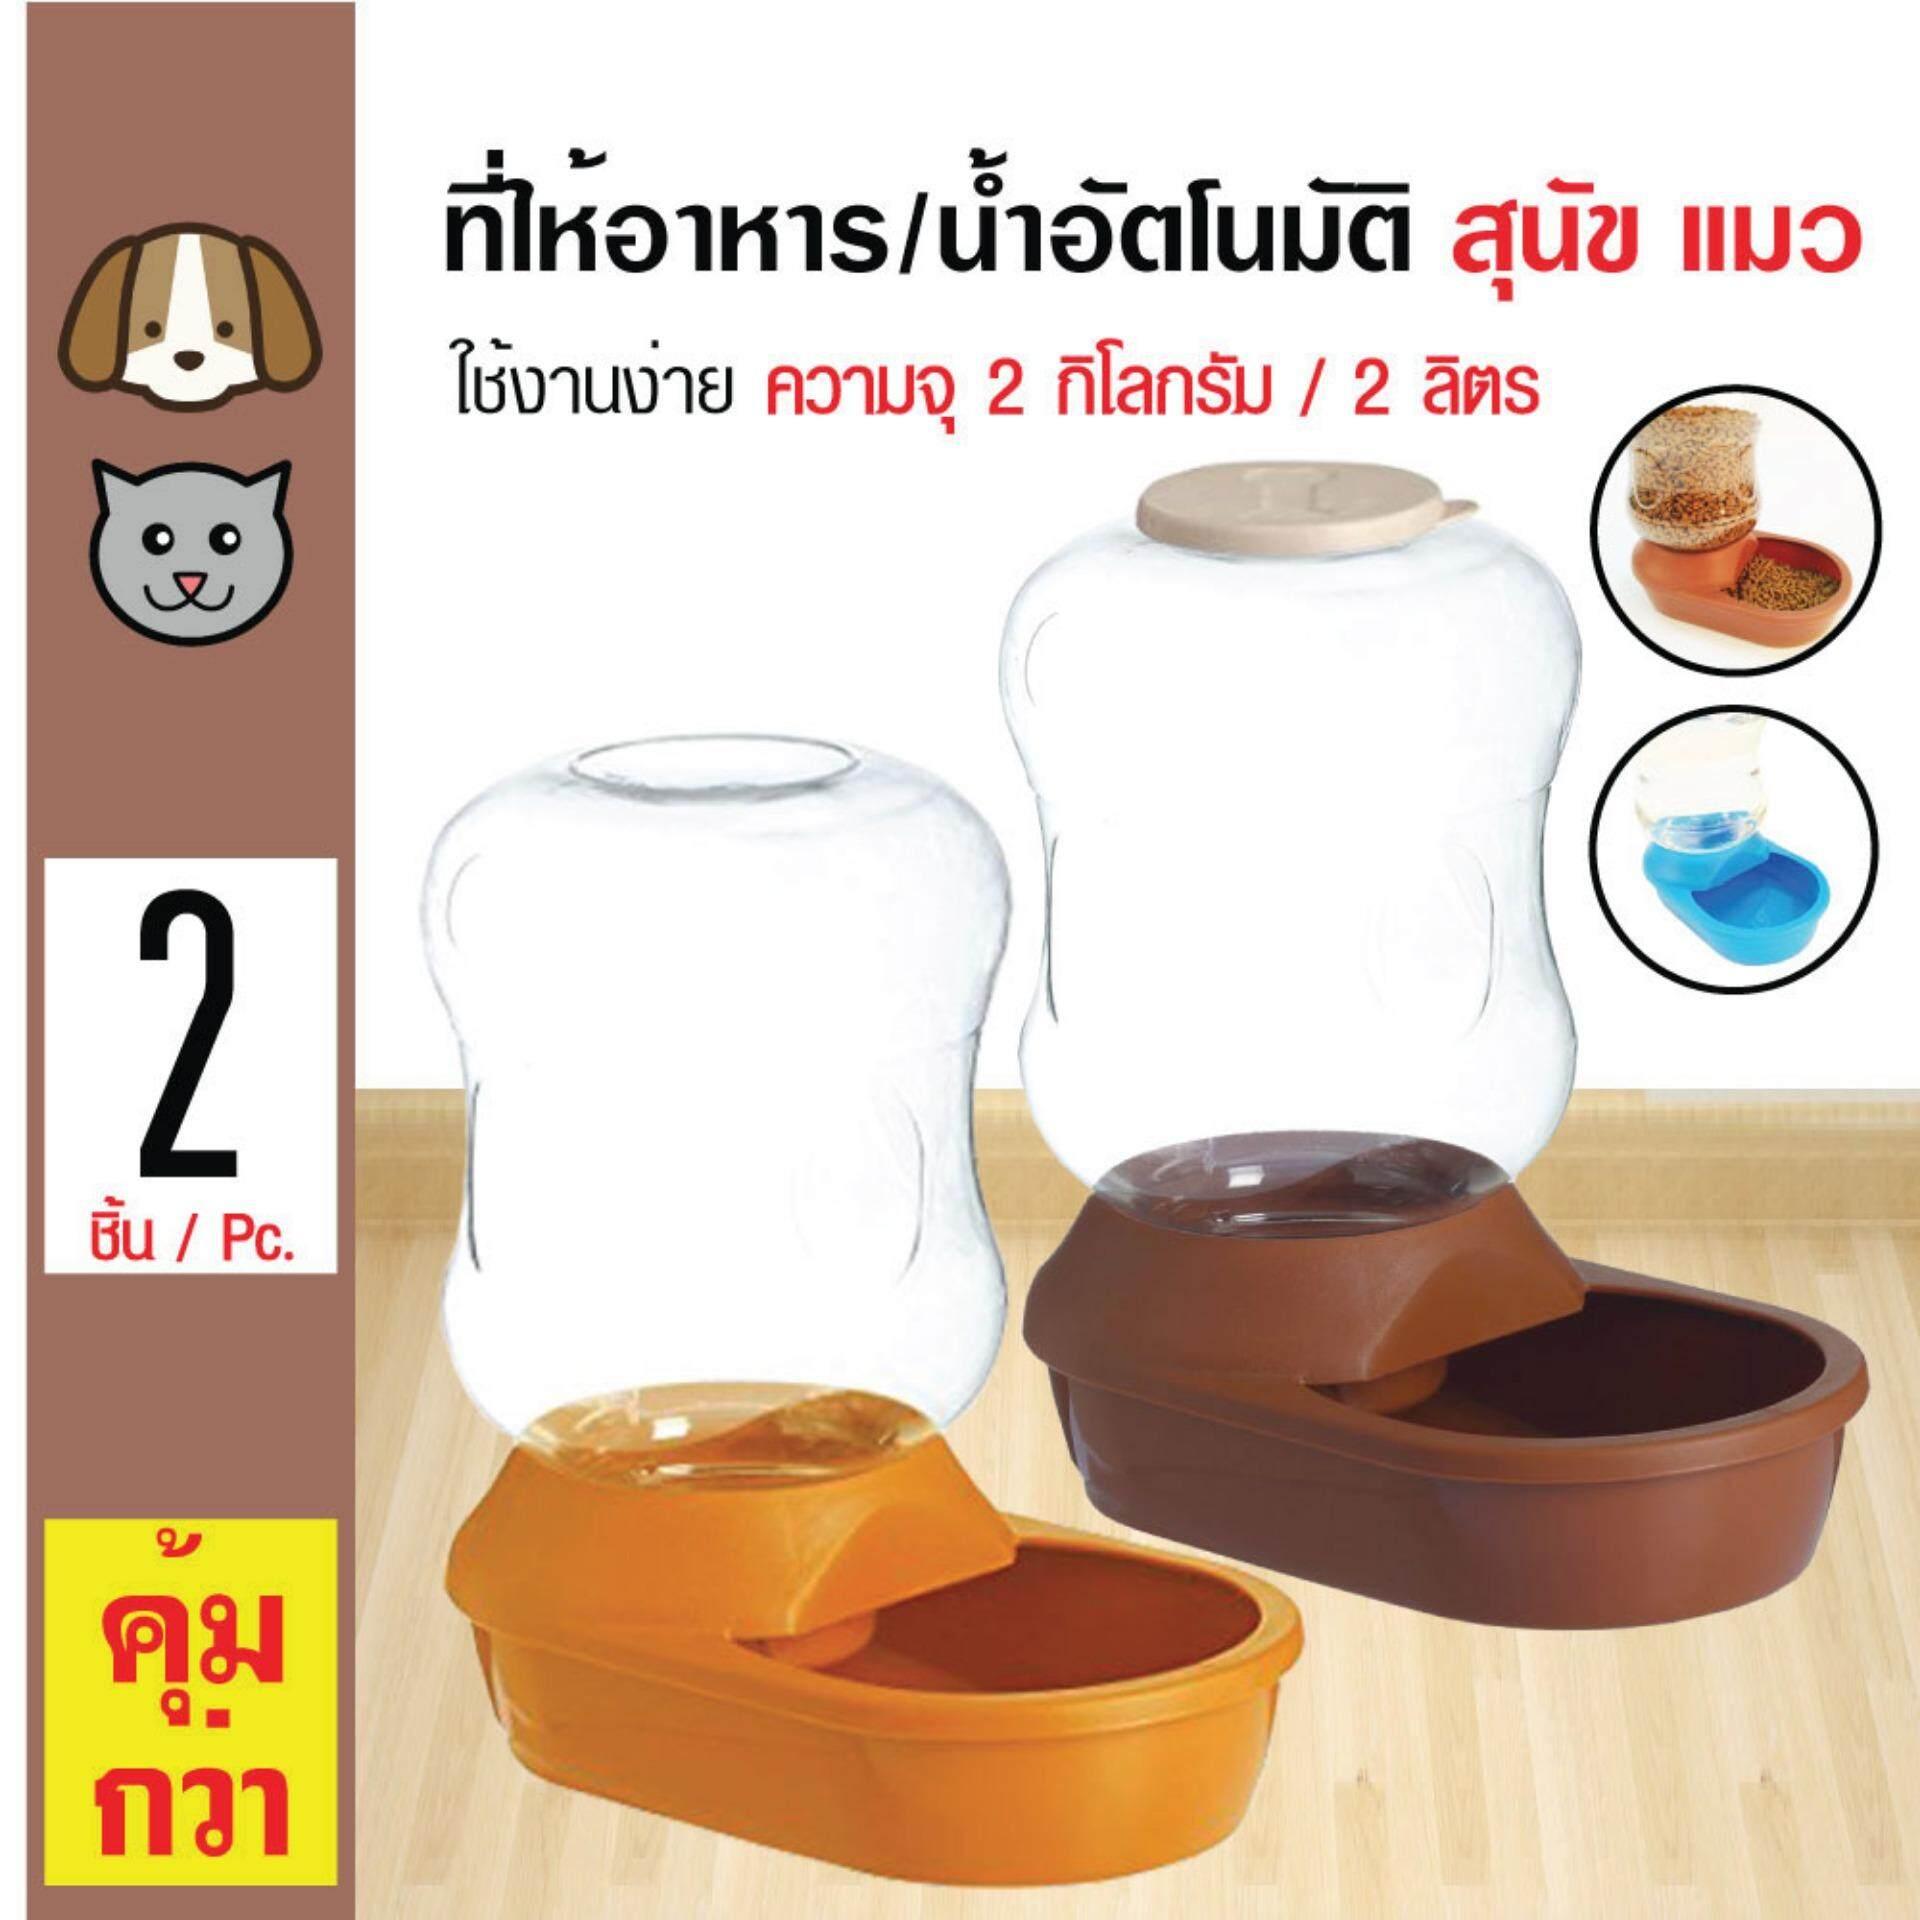 Pet Feeder ที่ให้อาหารและน้ำพลาสติกอัตโนมัติ ชามอาหาร ชามน้ำ สำหรับสุนัขและแมว ความจุ 2 กิโลกรัม/ 2 ลิตร (สีน้ำตาล/ สีส้ม)